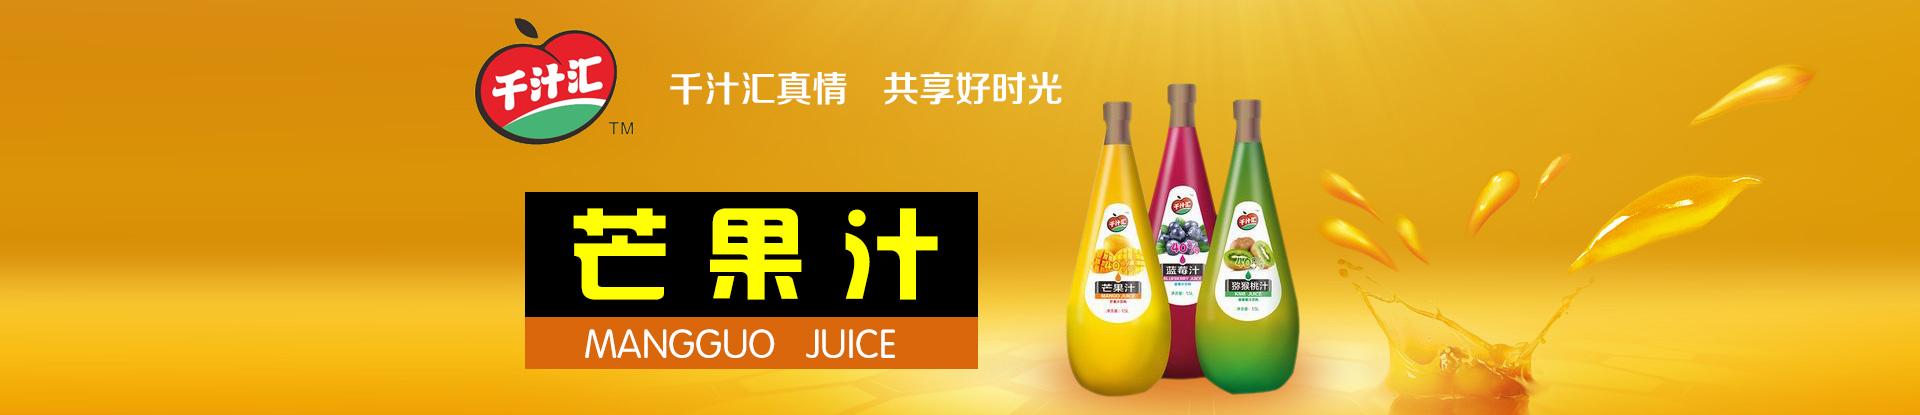 上海千汁汇食品有限公司